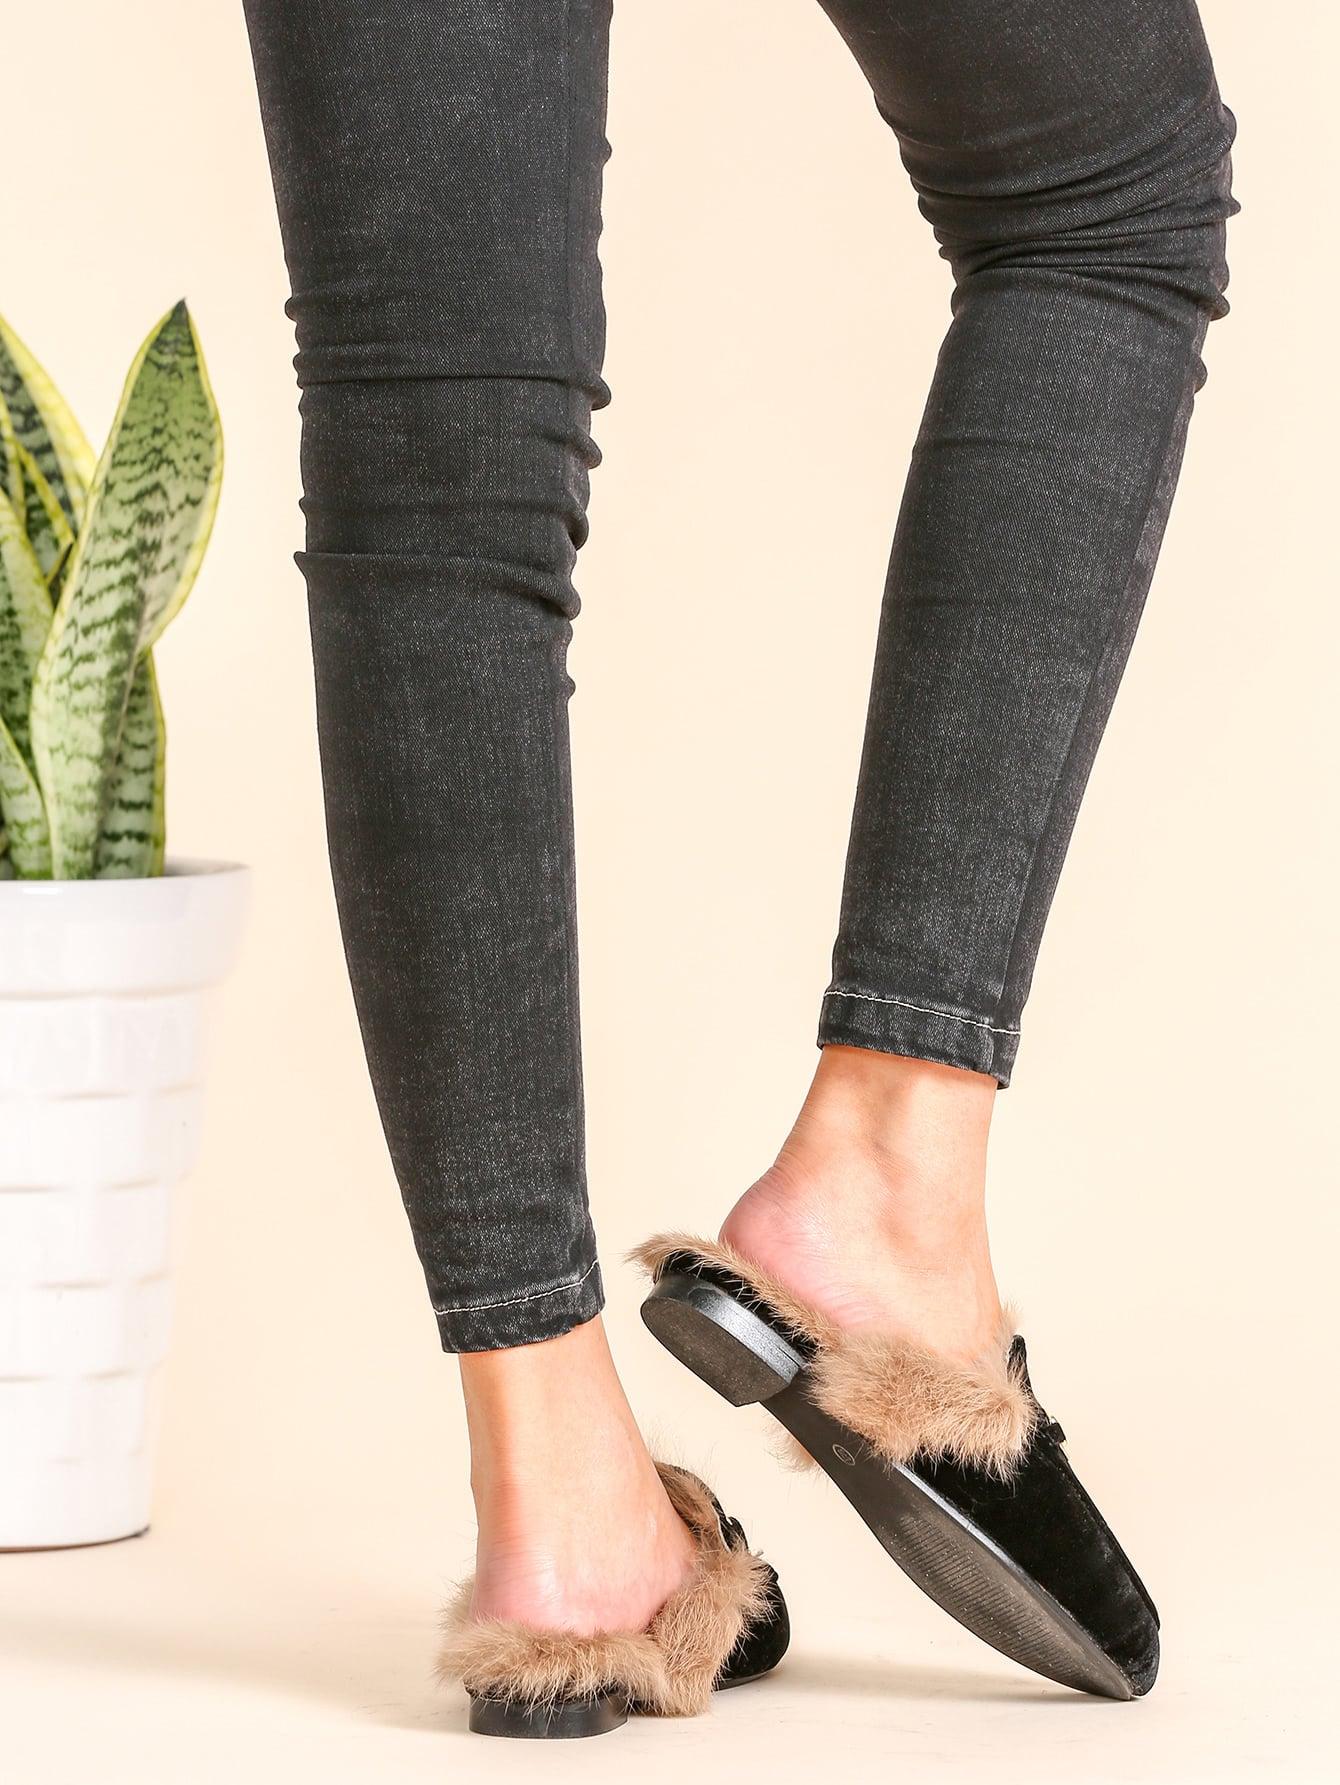 shoes161010810_2